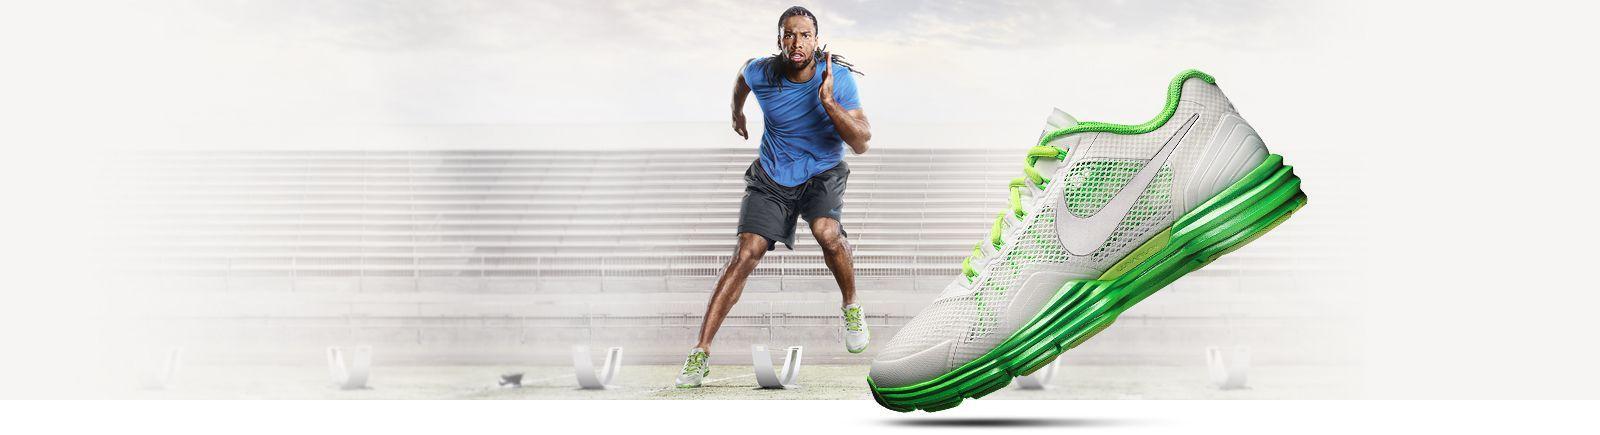 Nike+ Training avec LunarTR1. Nike.com